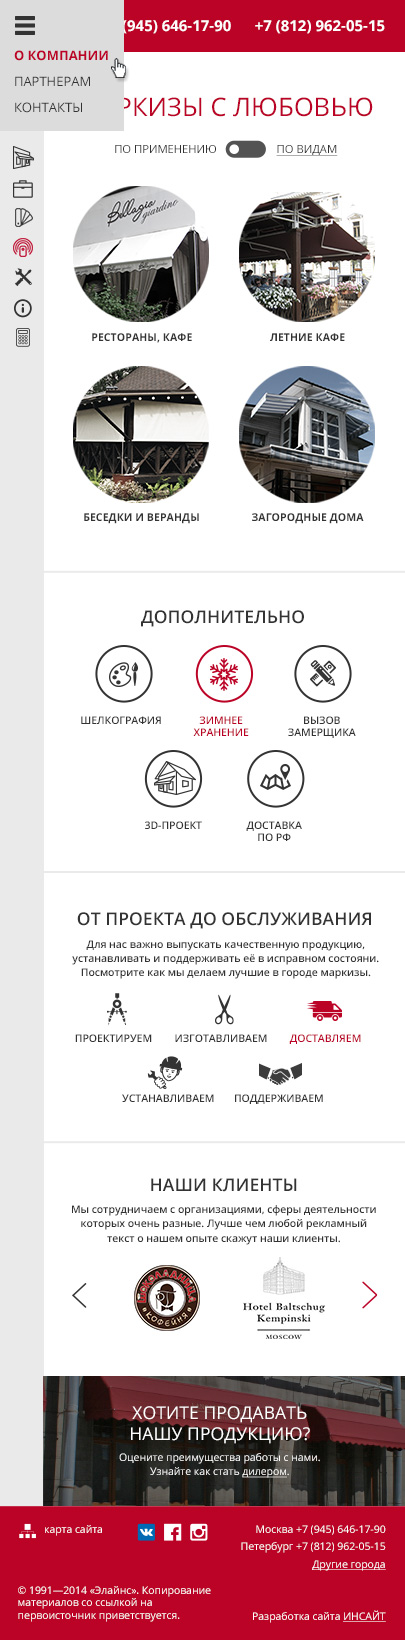 Сайт-каталог, товары, калькулятор, маркизы, Элайнс, Санкт-Петербург, Битрикс, Bitrix, Адаптивный дизайн, верстка, программирование, интернет магазин, сео, оптимизация